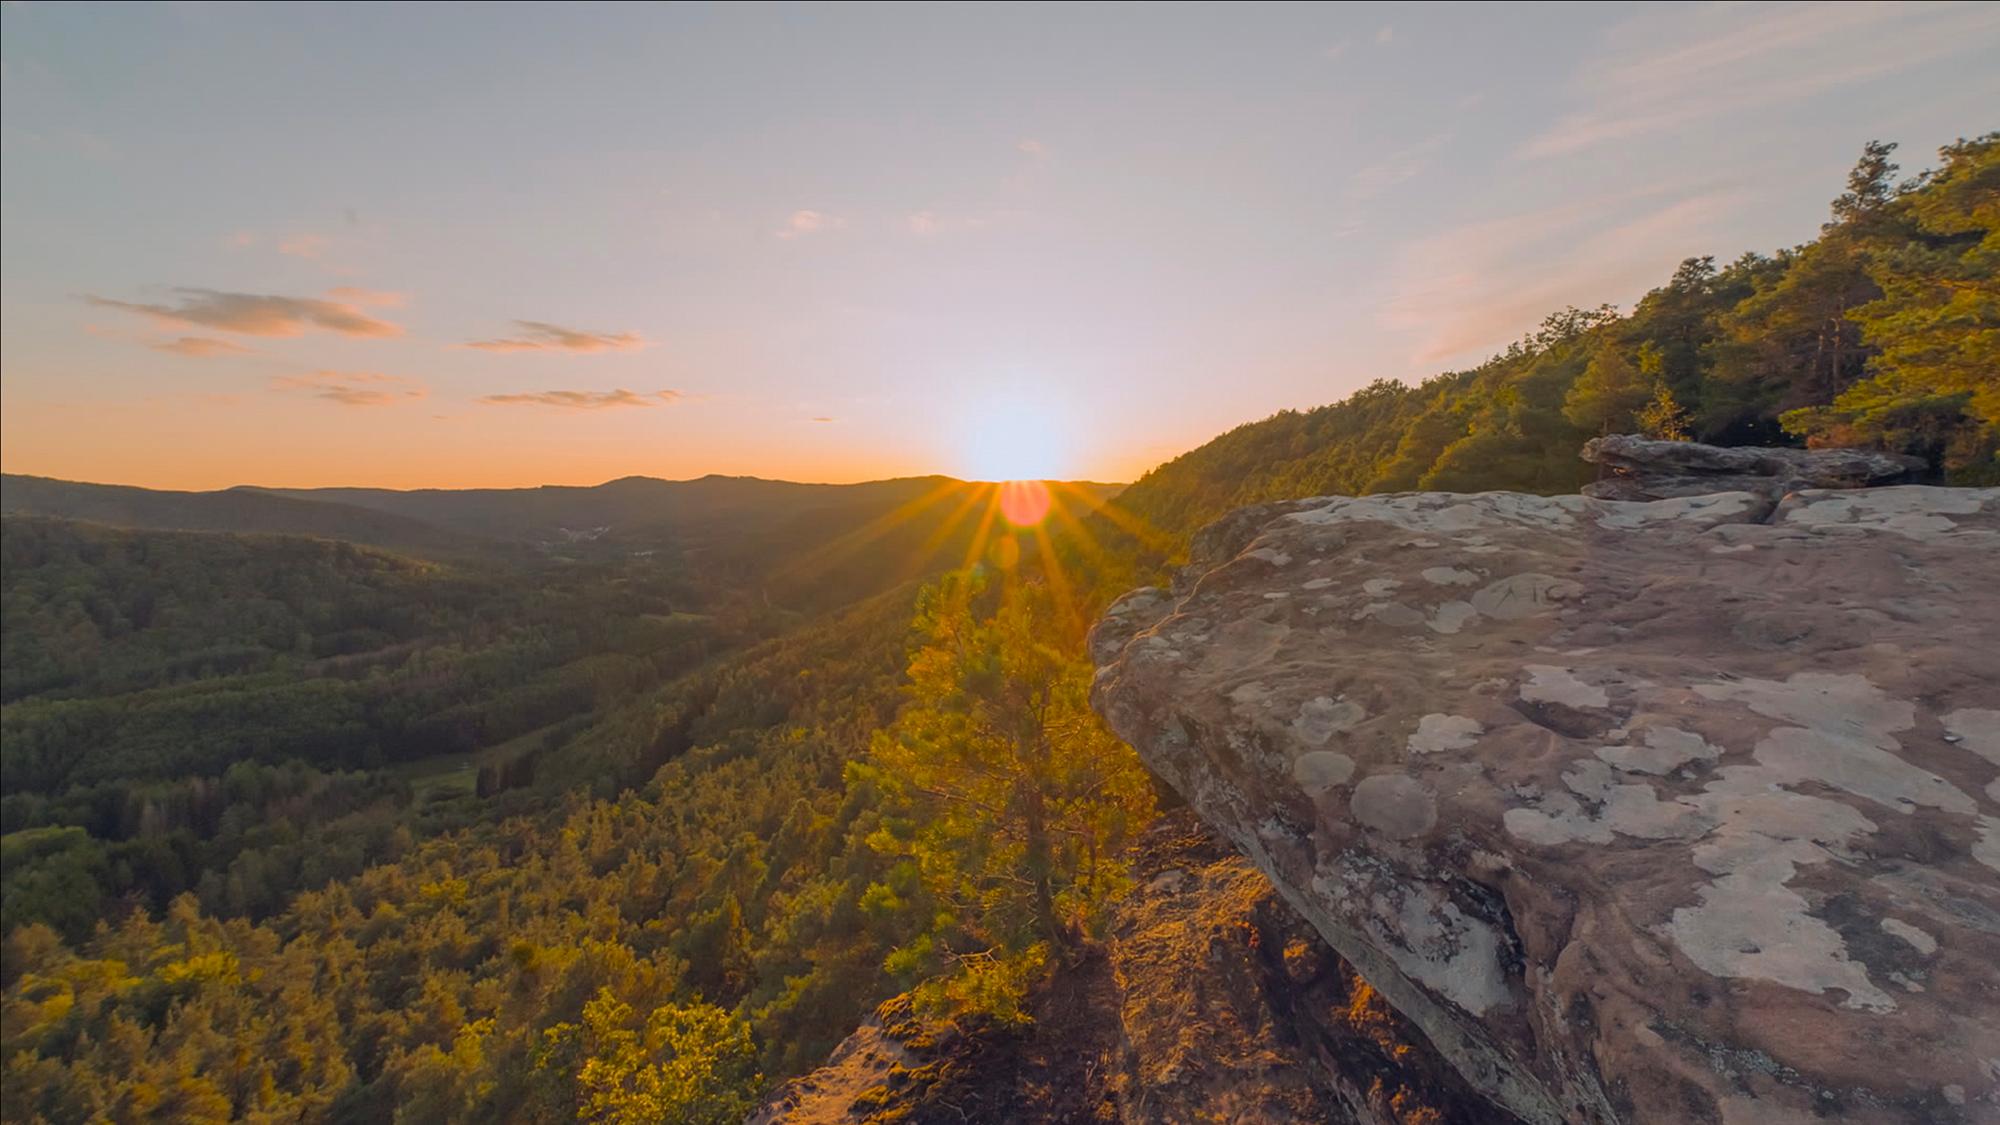 """Der Pfälzerwald zählt zu den am dünnsten besiedelten Regionen Deutschlands: """"Dieser Film (…) nimmt einen mit auf eine perfekt komponierte filmische Reise, an deren Ende man selbst sofort (…) aufbrechen will, um ihn mit eigenen Augen zu entdecken."""" (Foto: K22 Film/Ricardo Garzon Mesa)"""